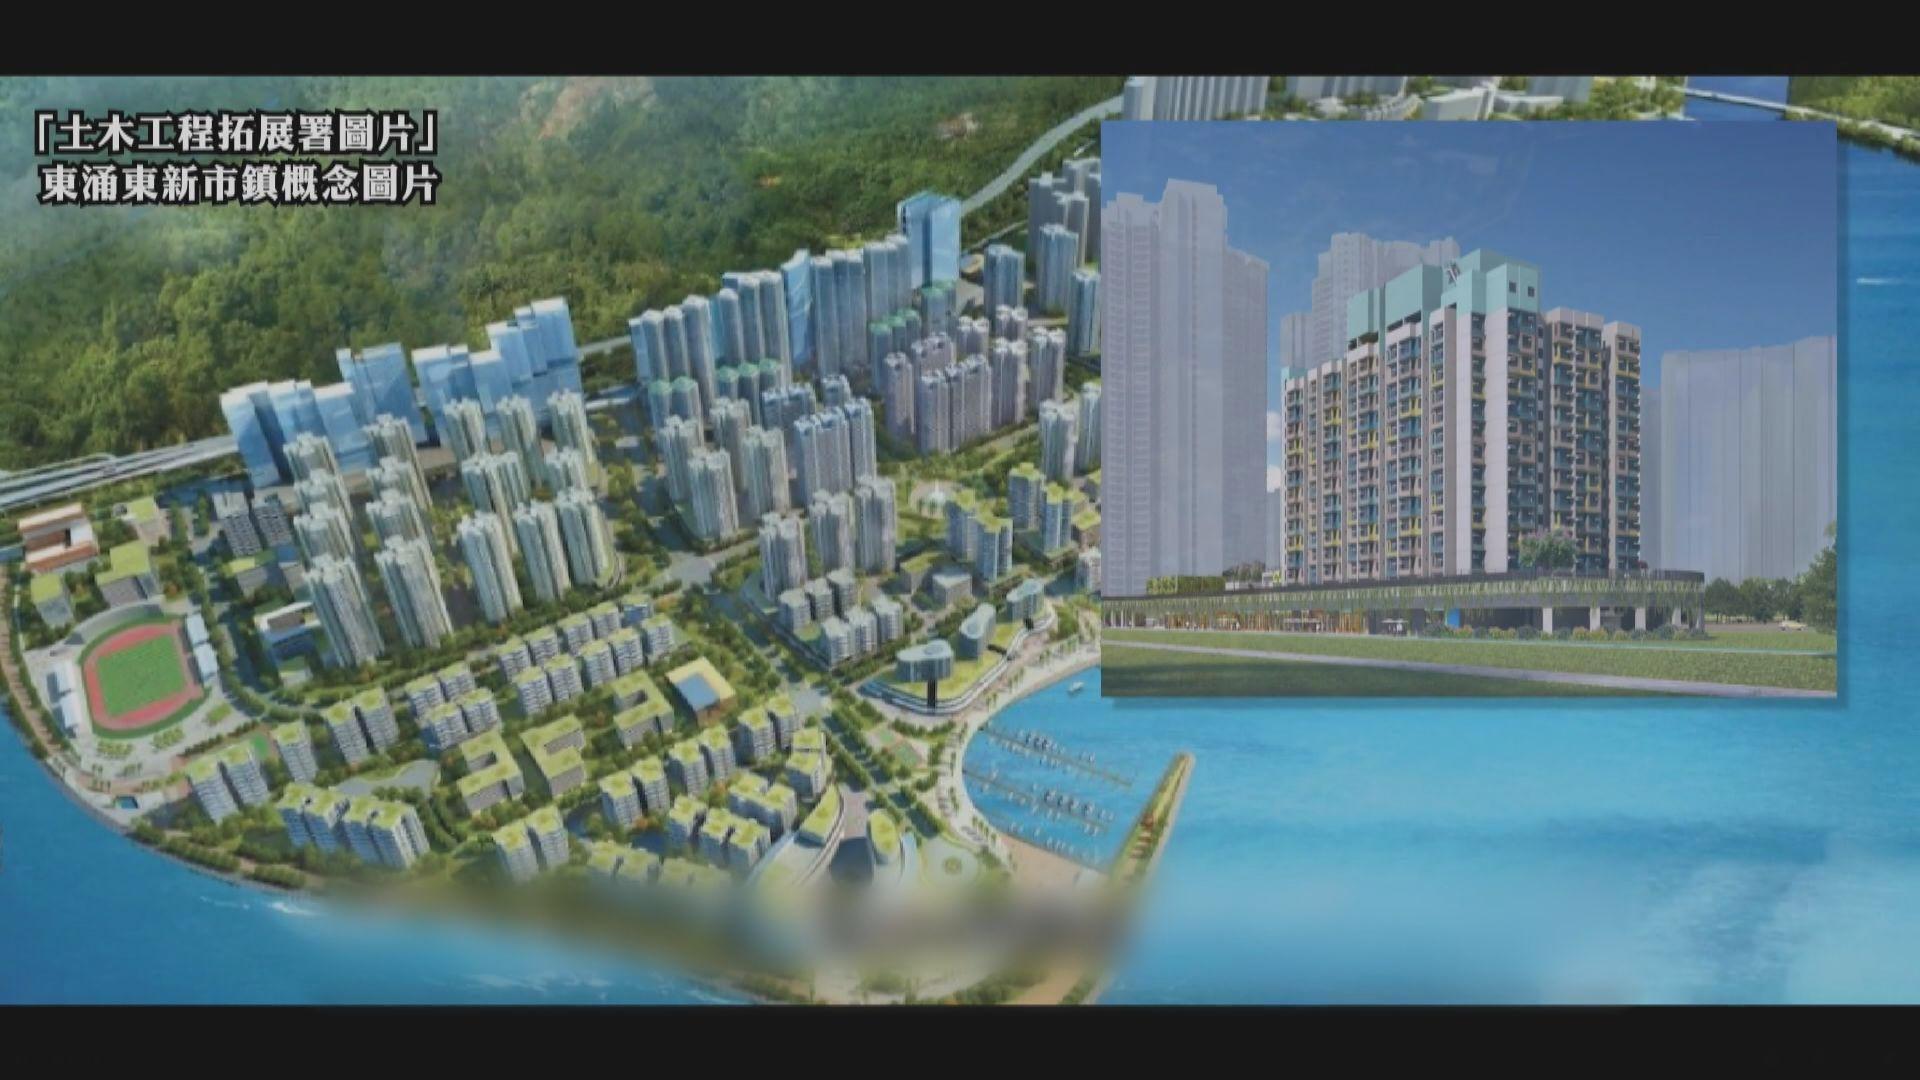 東涌第99區將使用組裝合成法興建